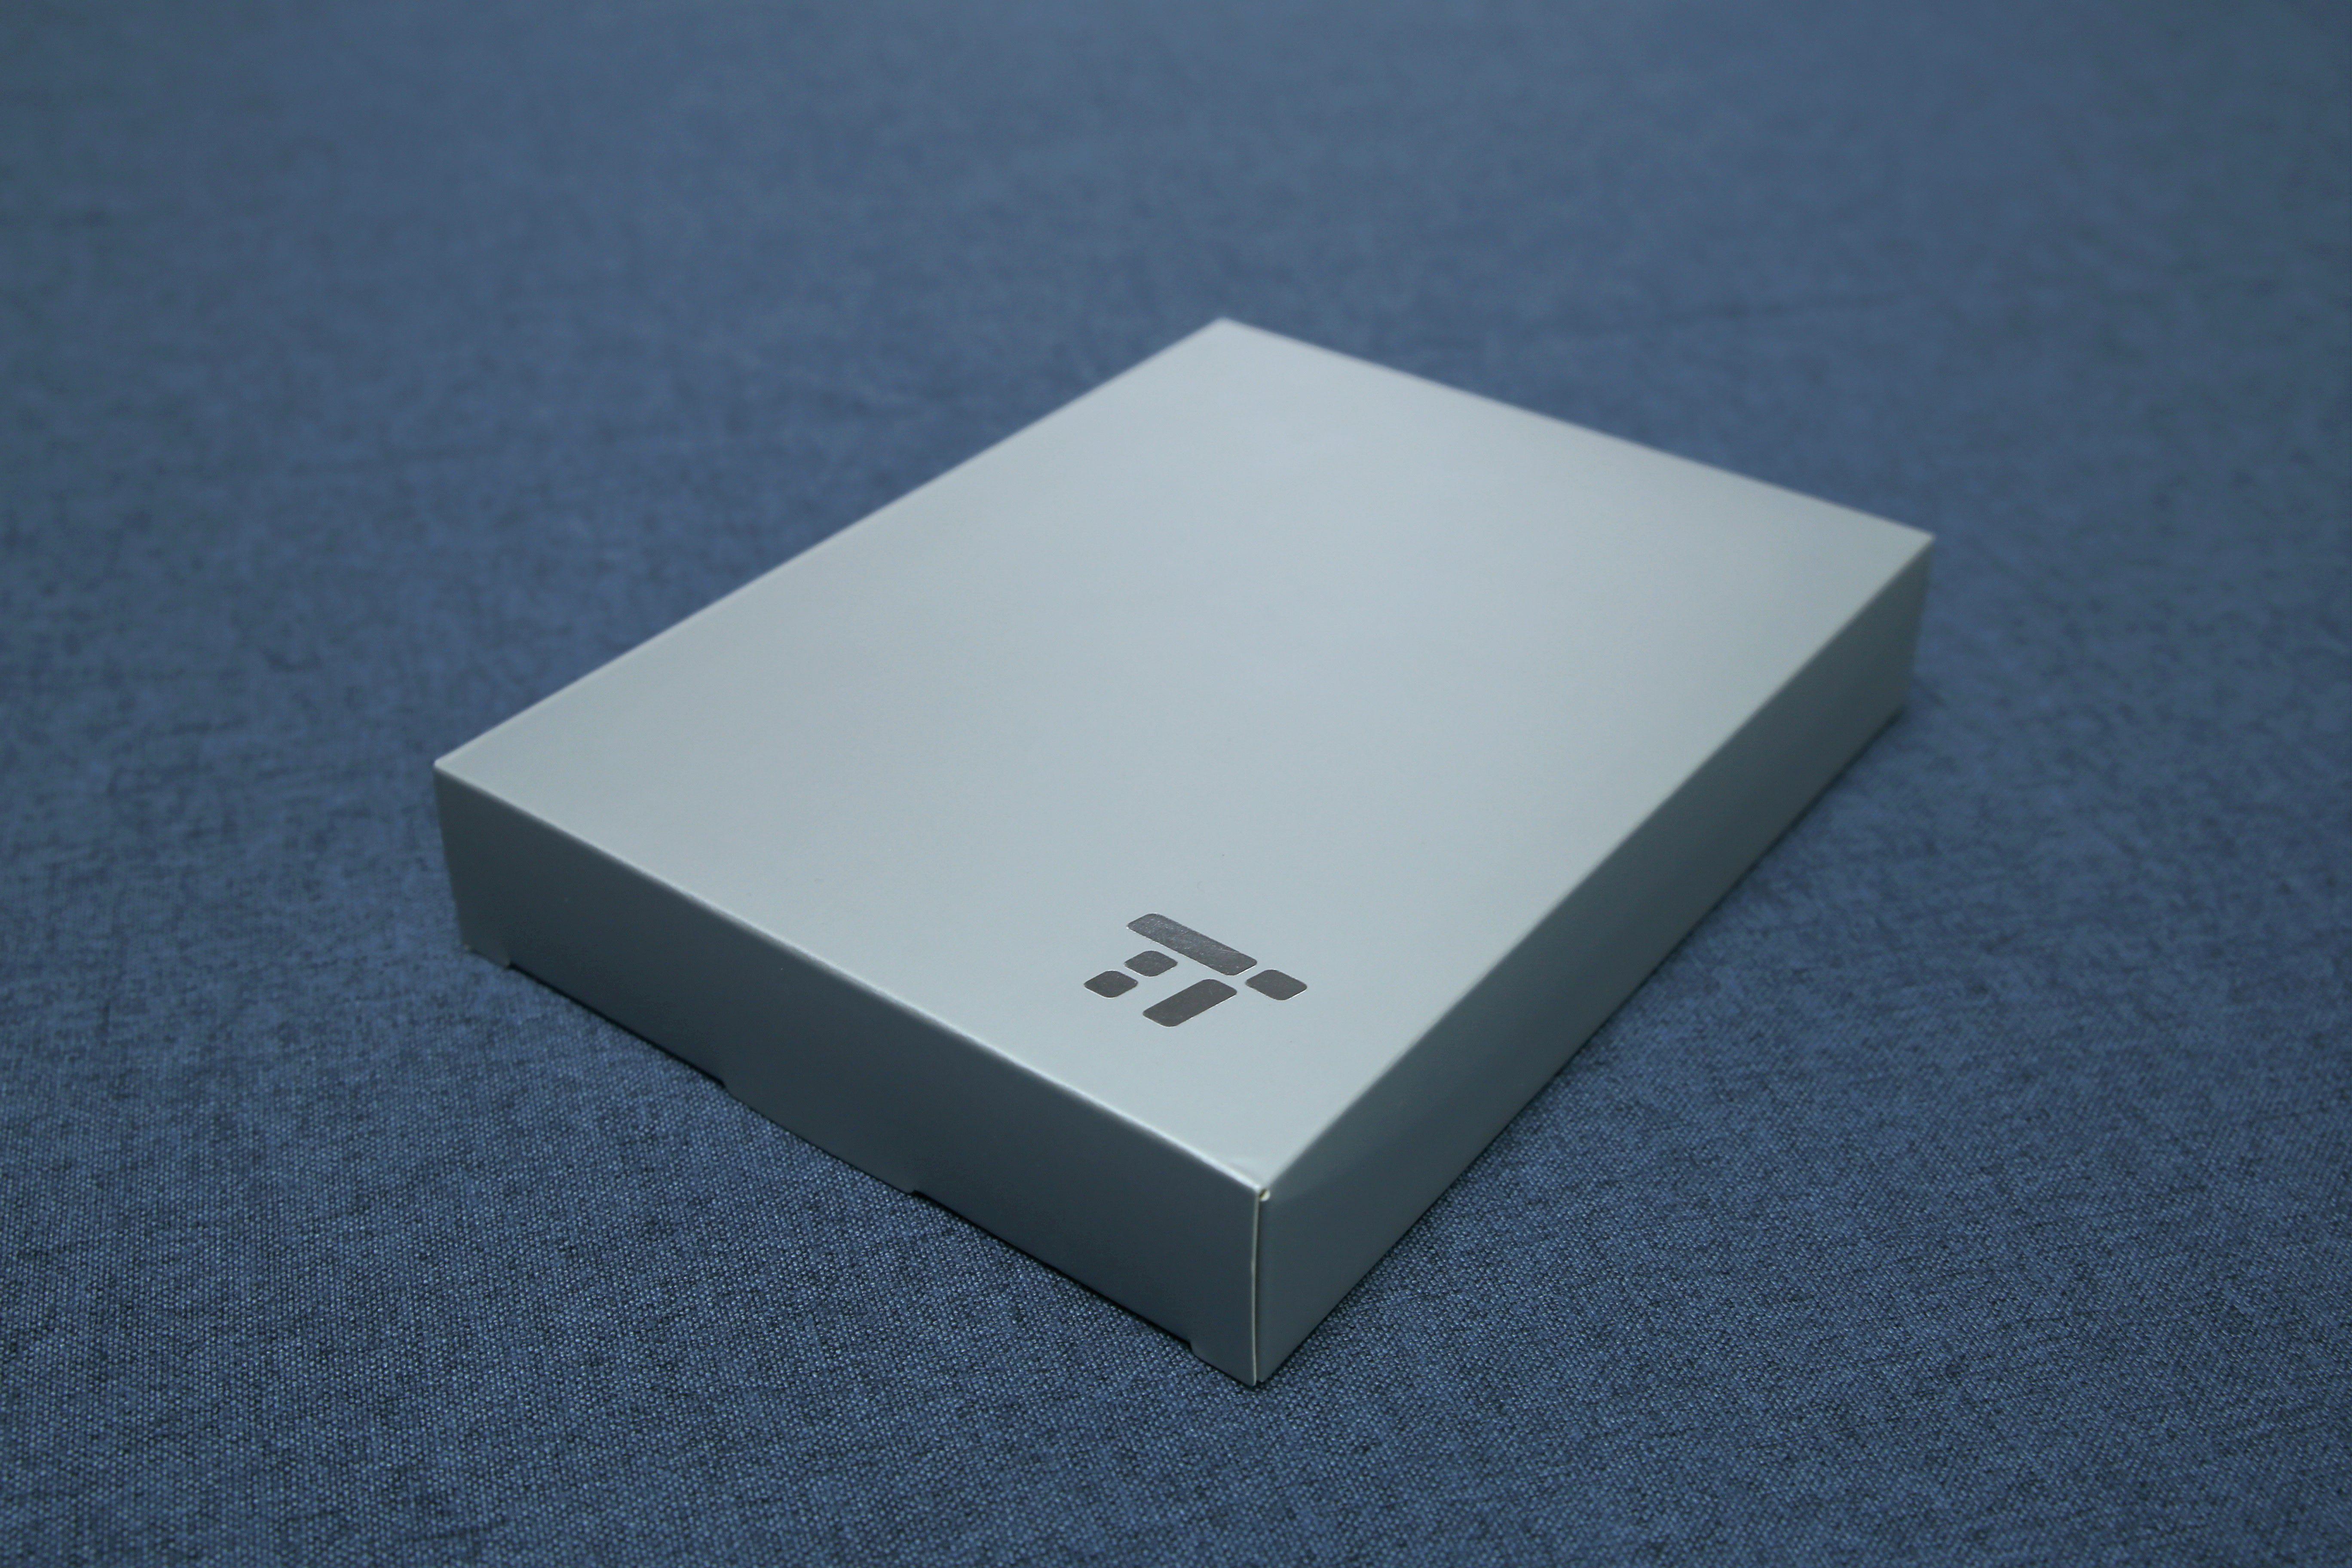 TaoTronics TT-BH042頸掛式降噪藍牙耳機 - 外盒設計